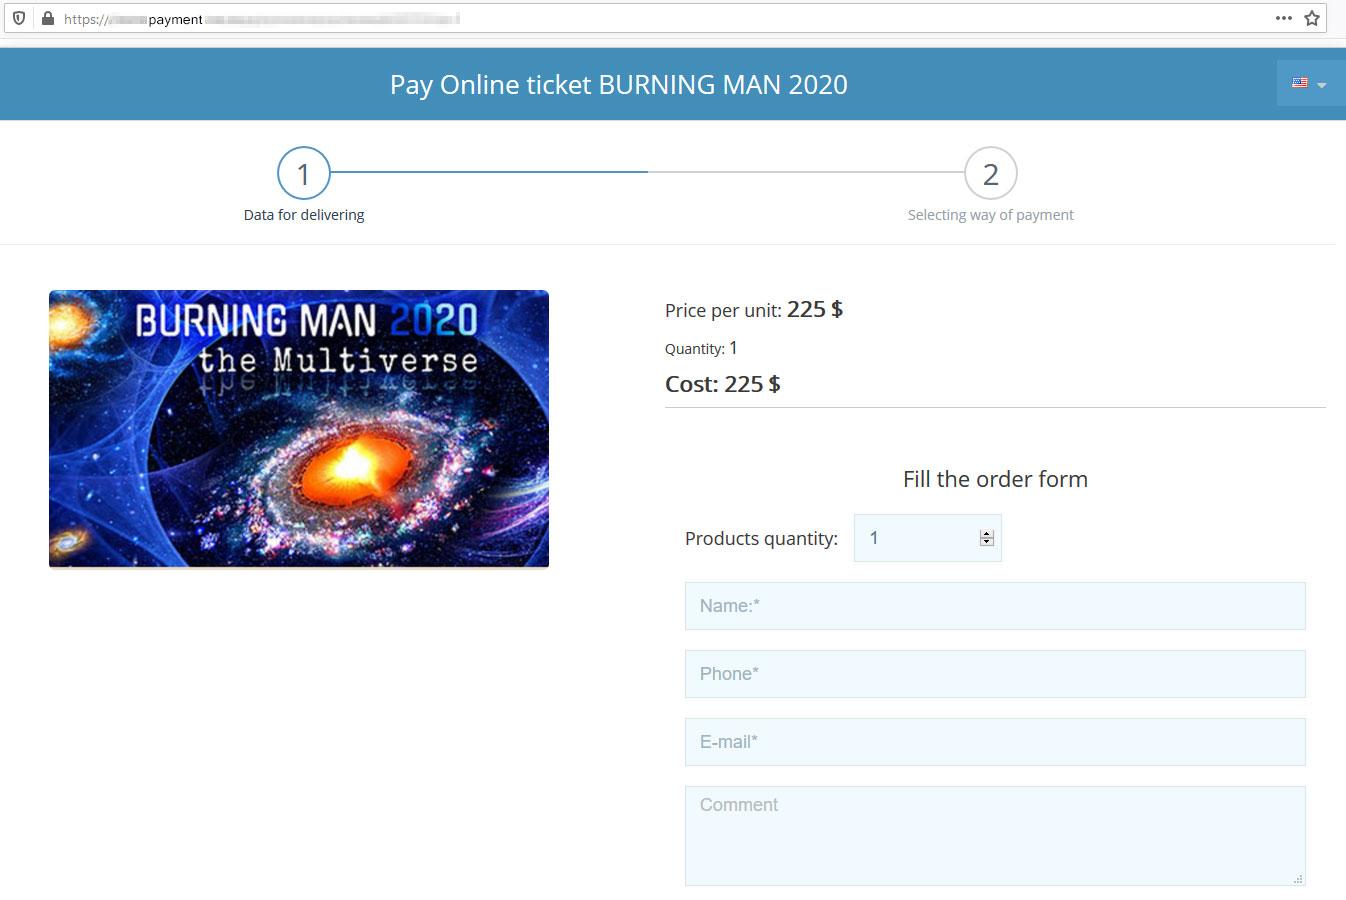 Bestellformular auf der gefälschten Website